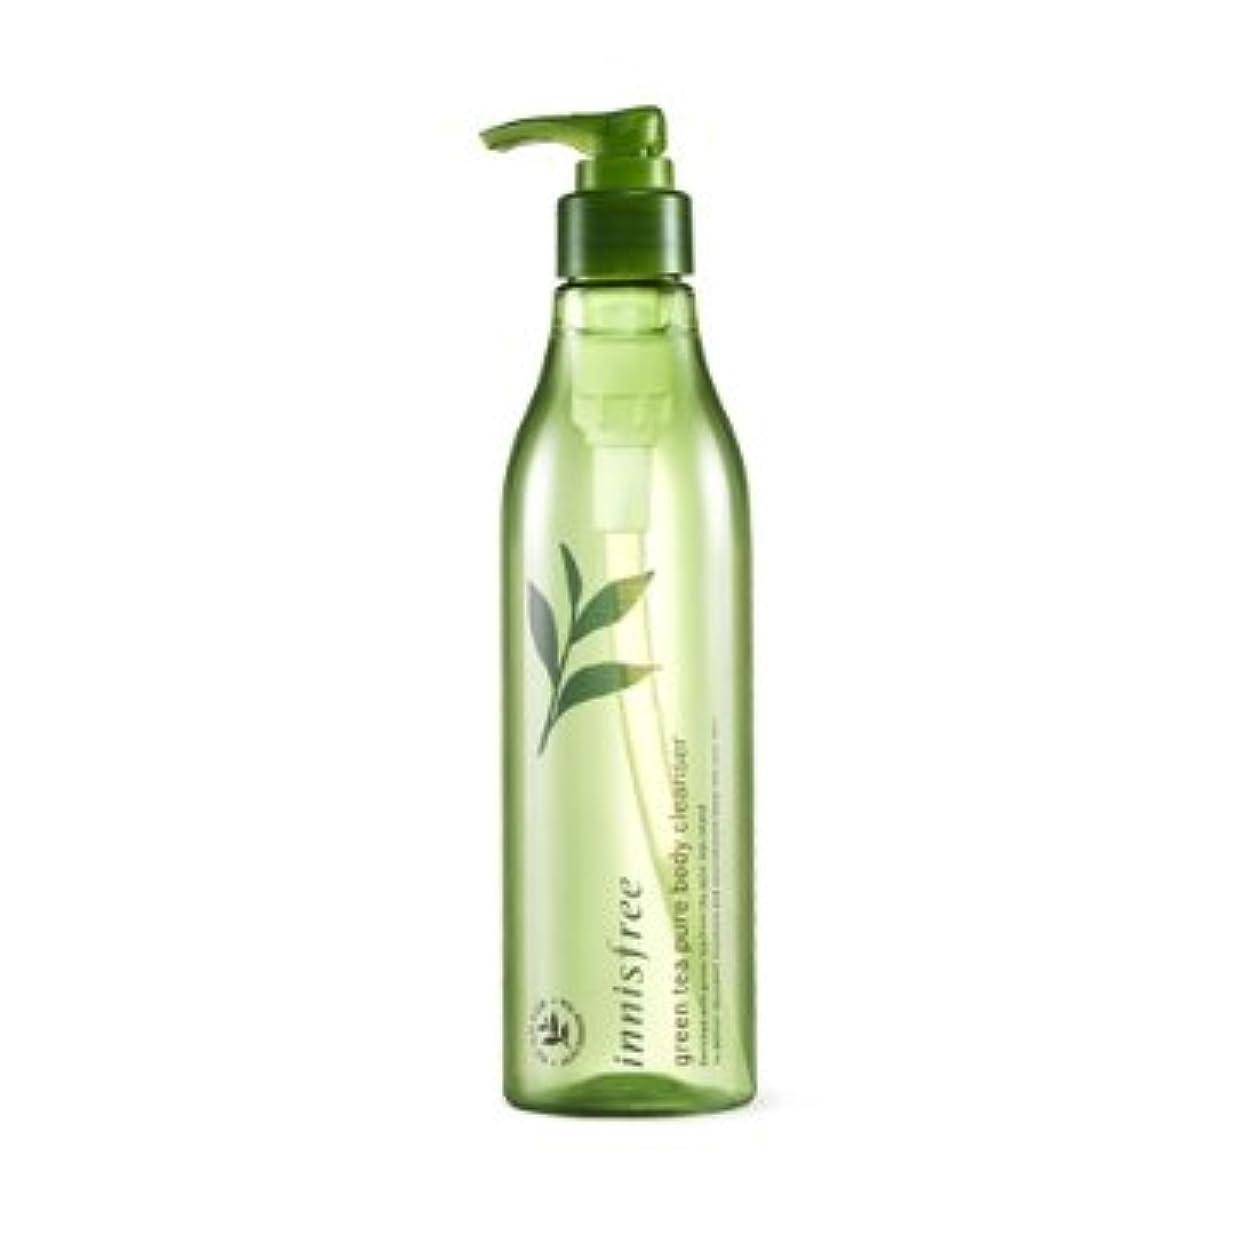 納屋アフリカ人風邪をひく【イニスフリー】Innisfree green tea pure body cleanser - 300ml (韓国直送品) (SHOPPINGINSTAGRAM)